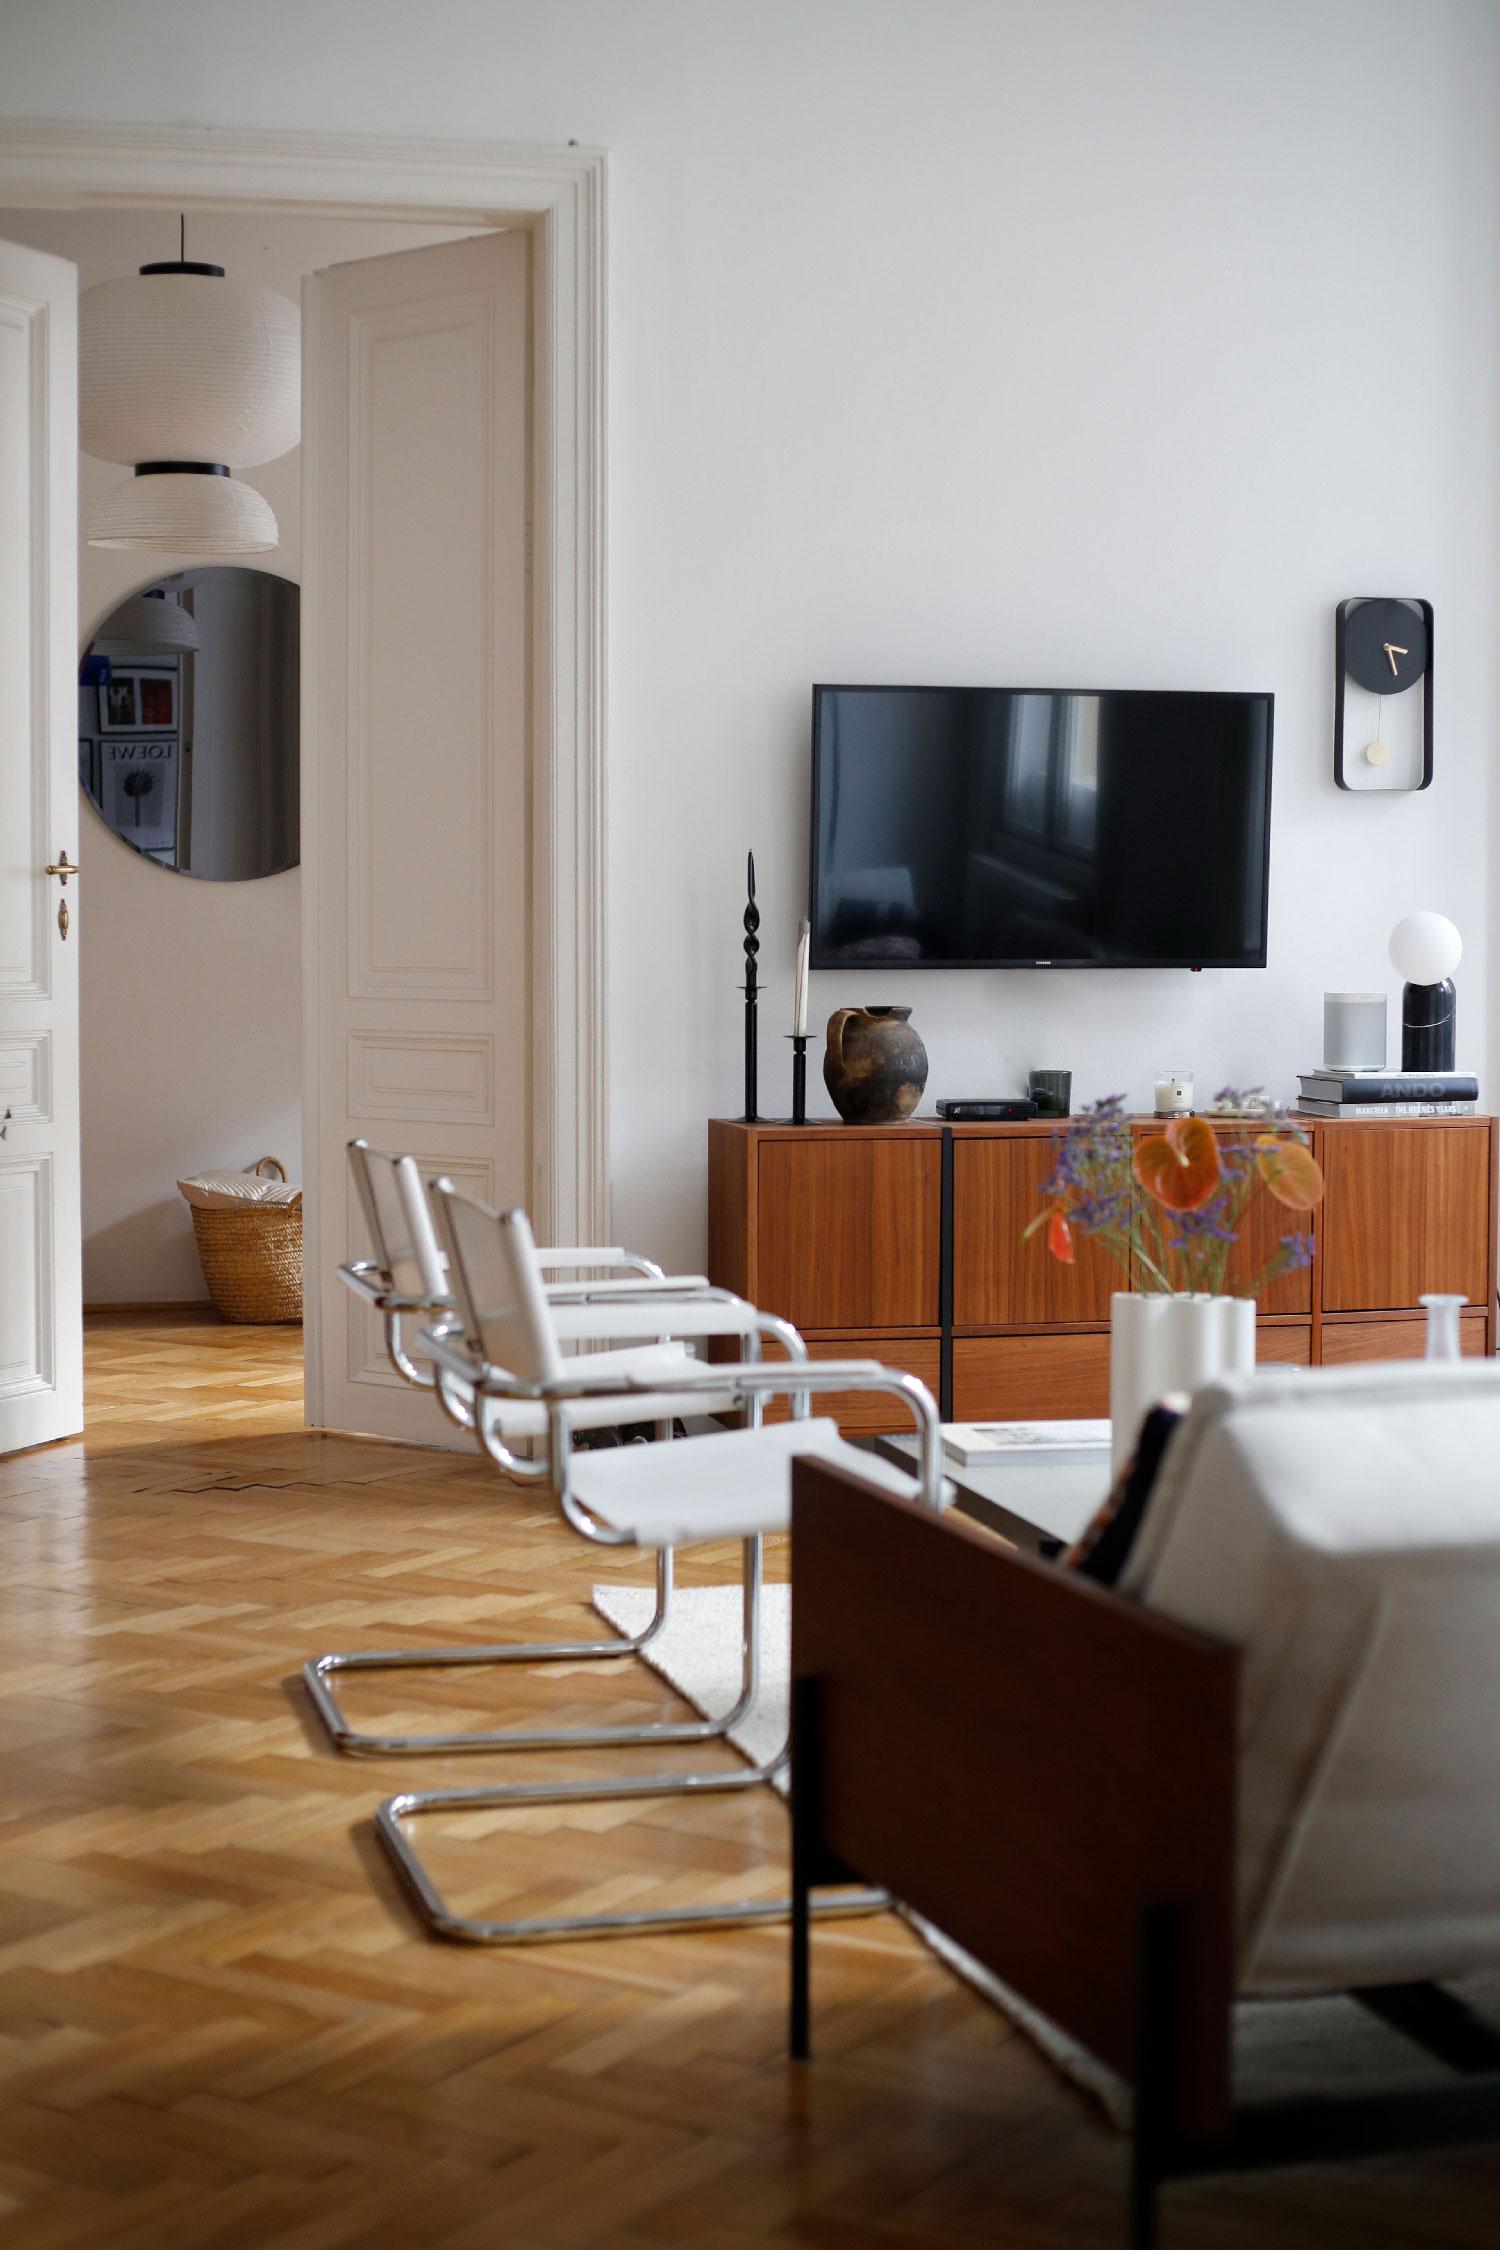 Wohnzimmer Wohntrends 2021 - Les factory Femmes